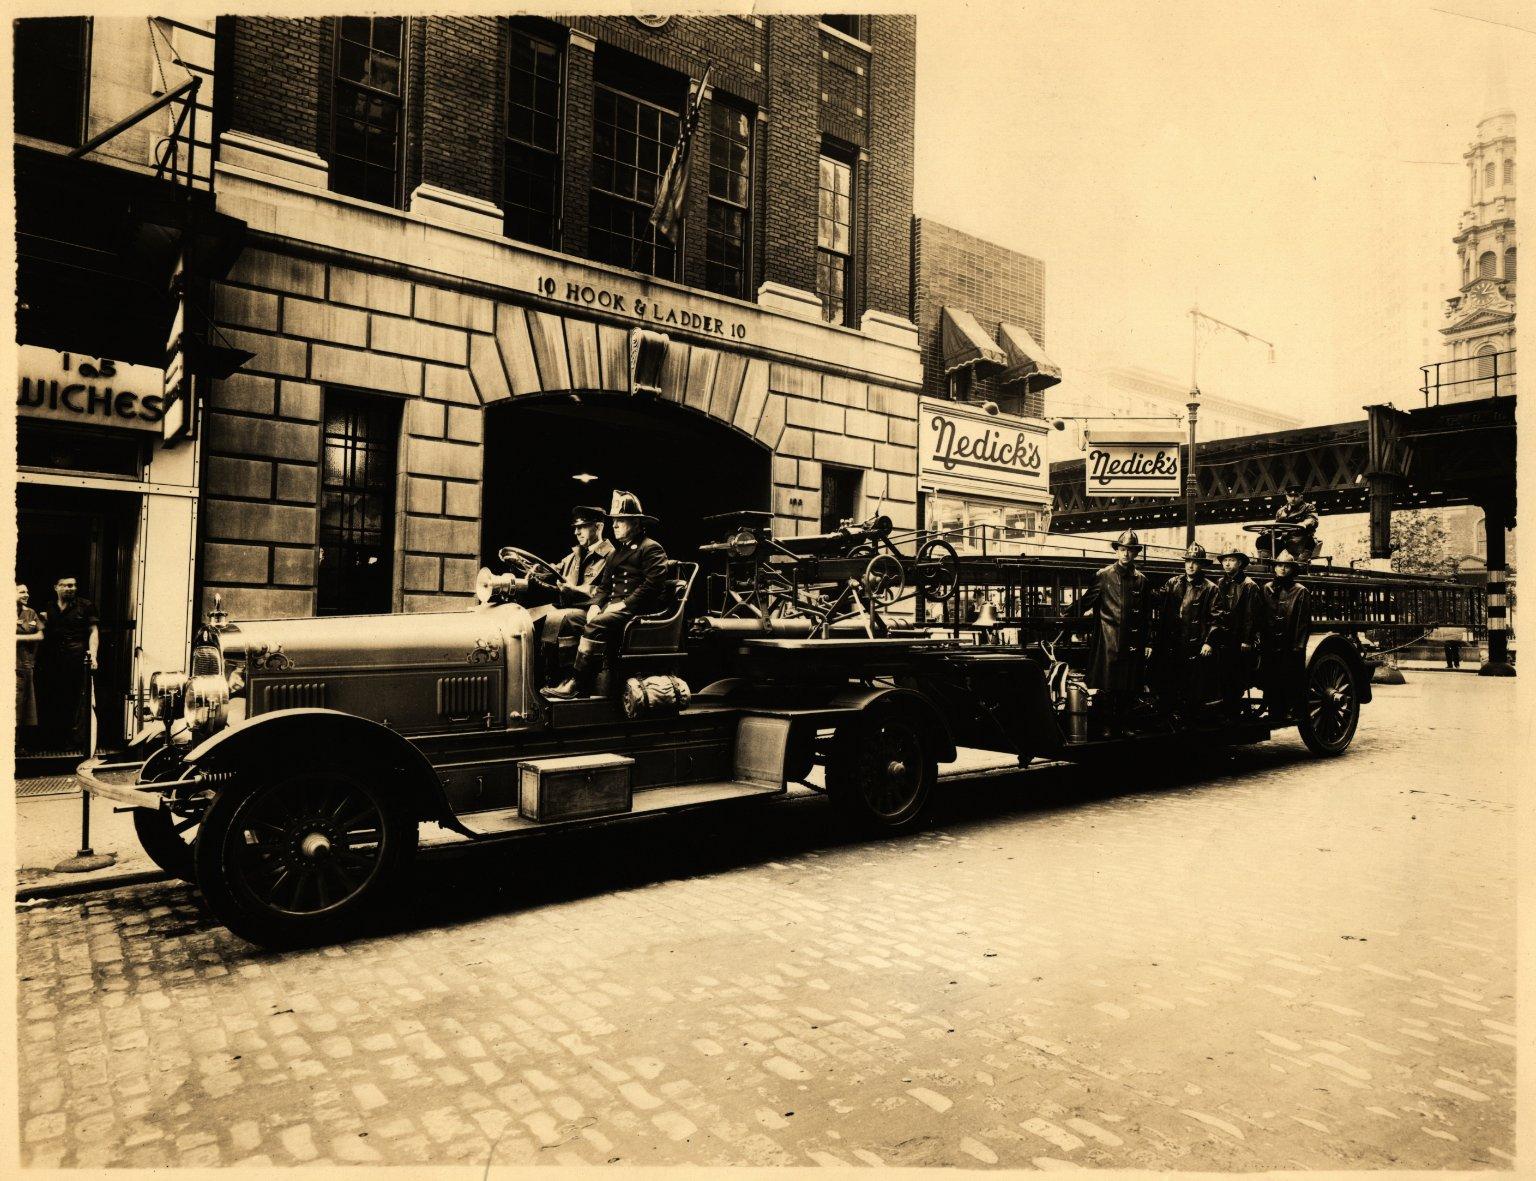 Пожарная автолестница. Нью-Йорк, США. 1937 год